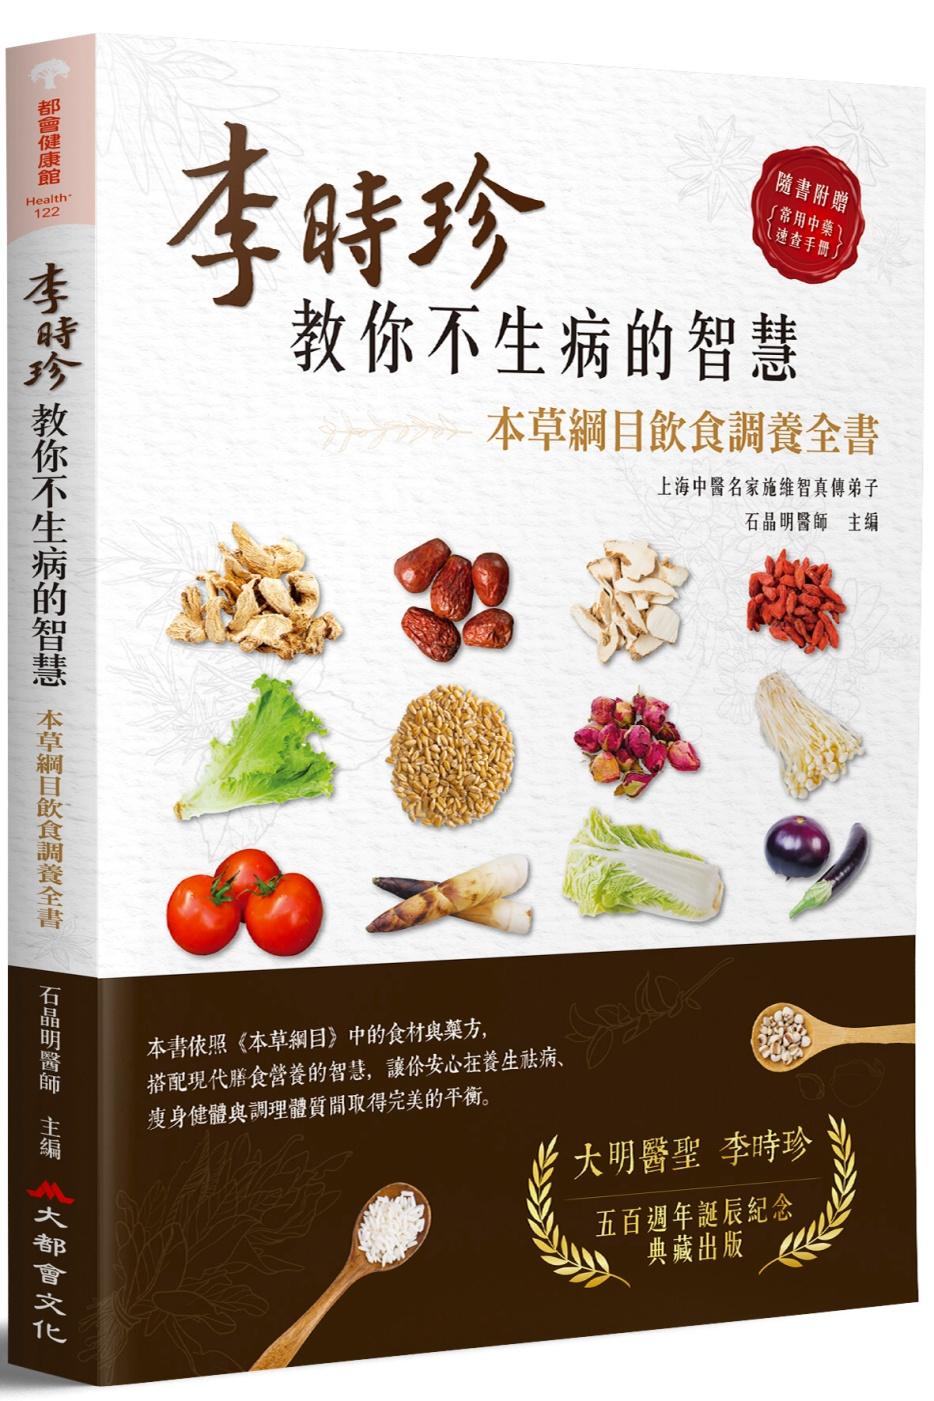 李時珍教你不生病的智慧:本草綱目飲食調養全書